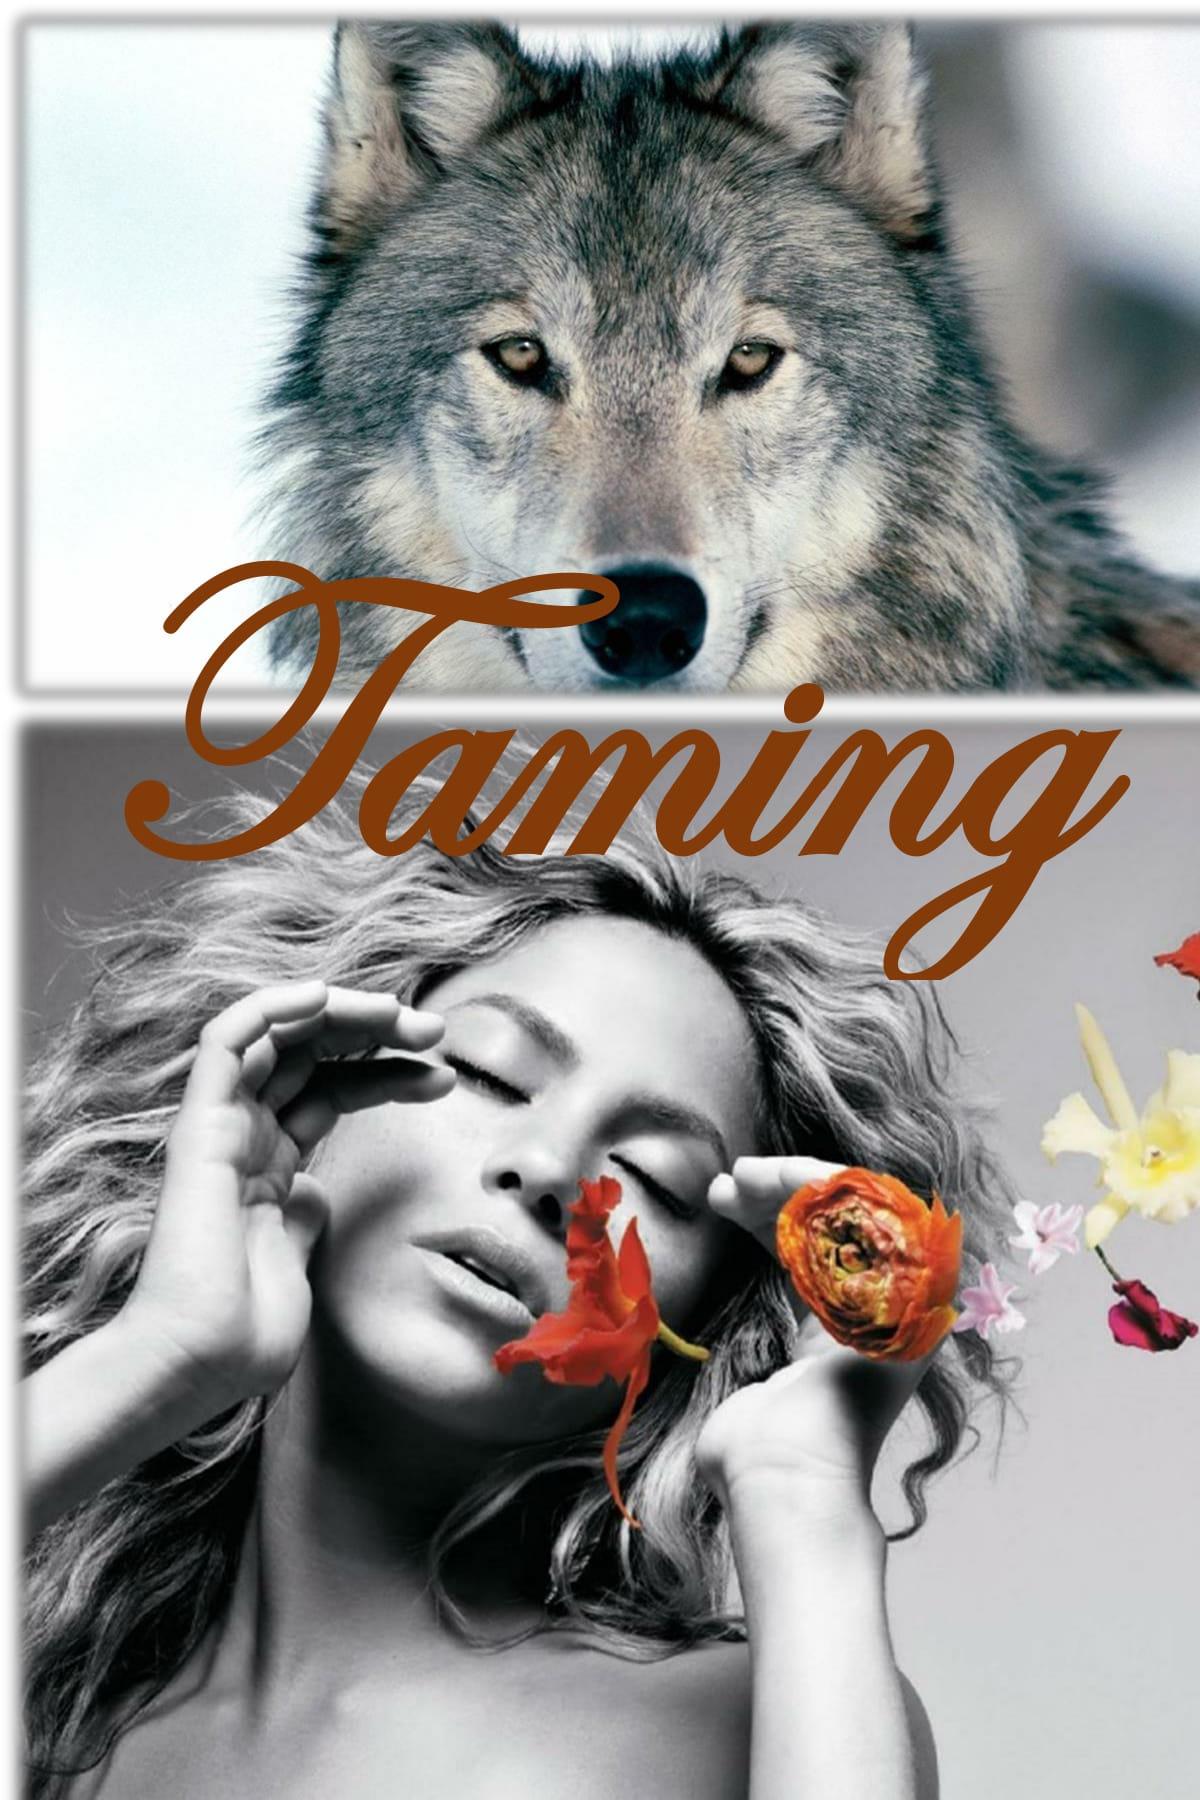 Taming